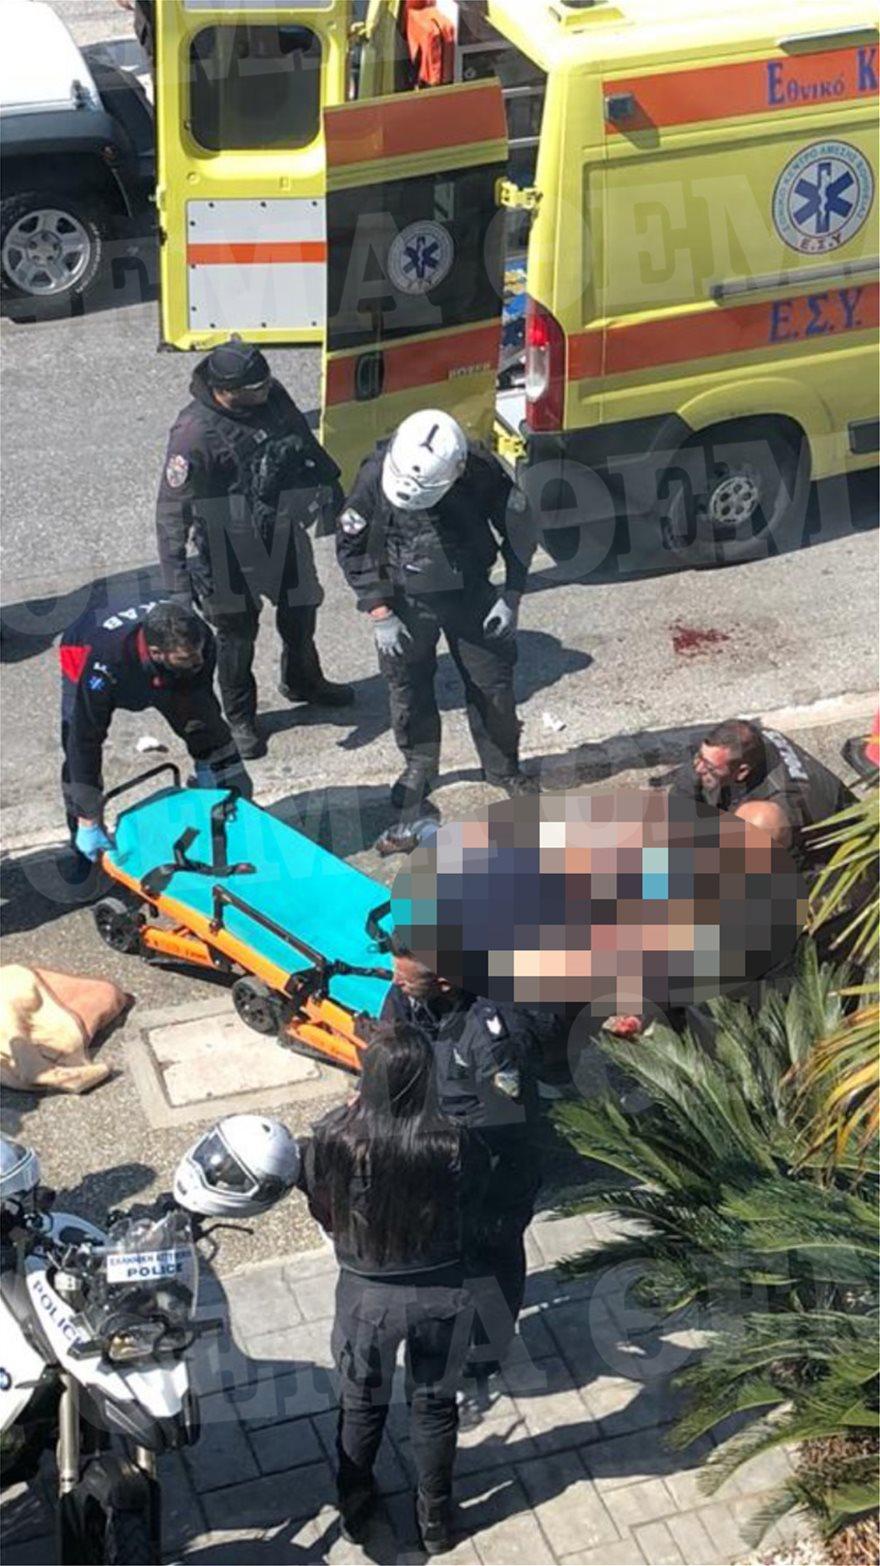 Λ. Βουλιαγμένης: Νεκρός ο στρατιωτικός και η σύντροφός του - Φωτογραφία 2